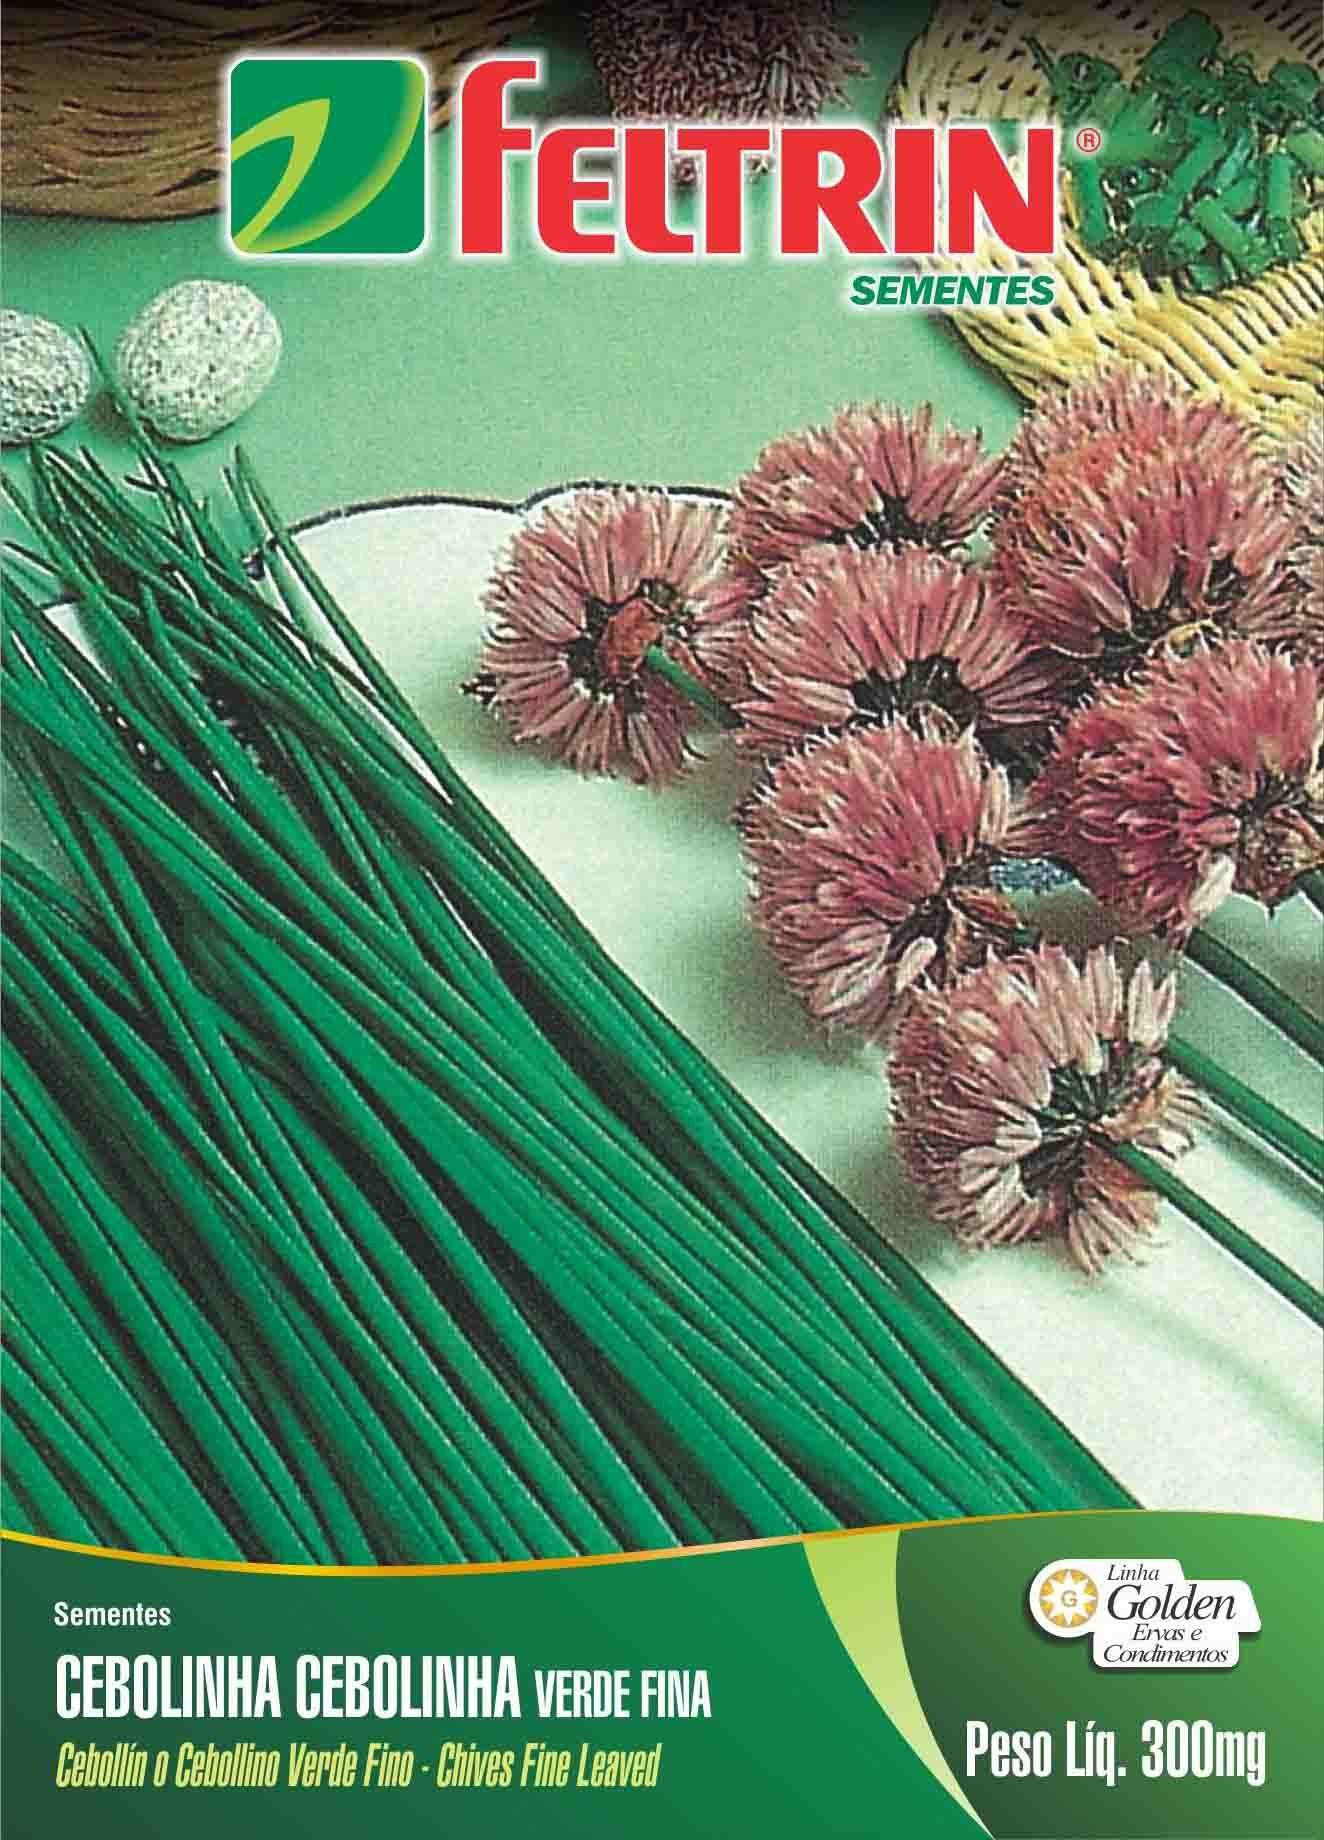 Sementes de Cebolinha Verde Fina - Feltrin Linha Golden